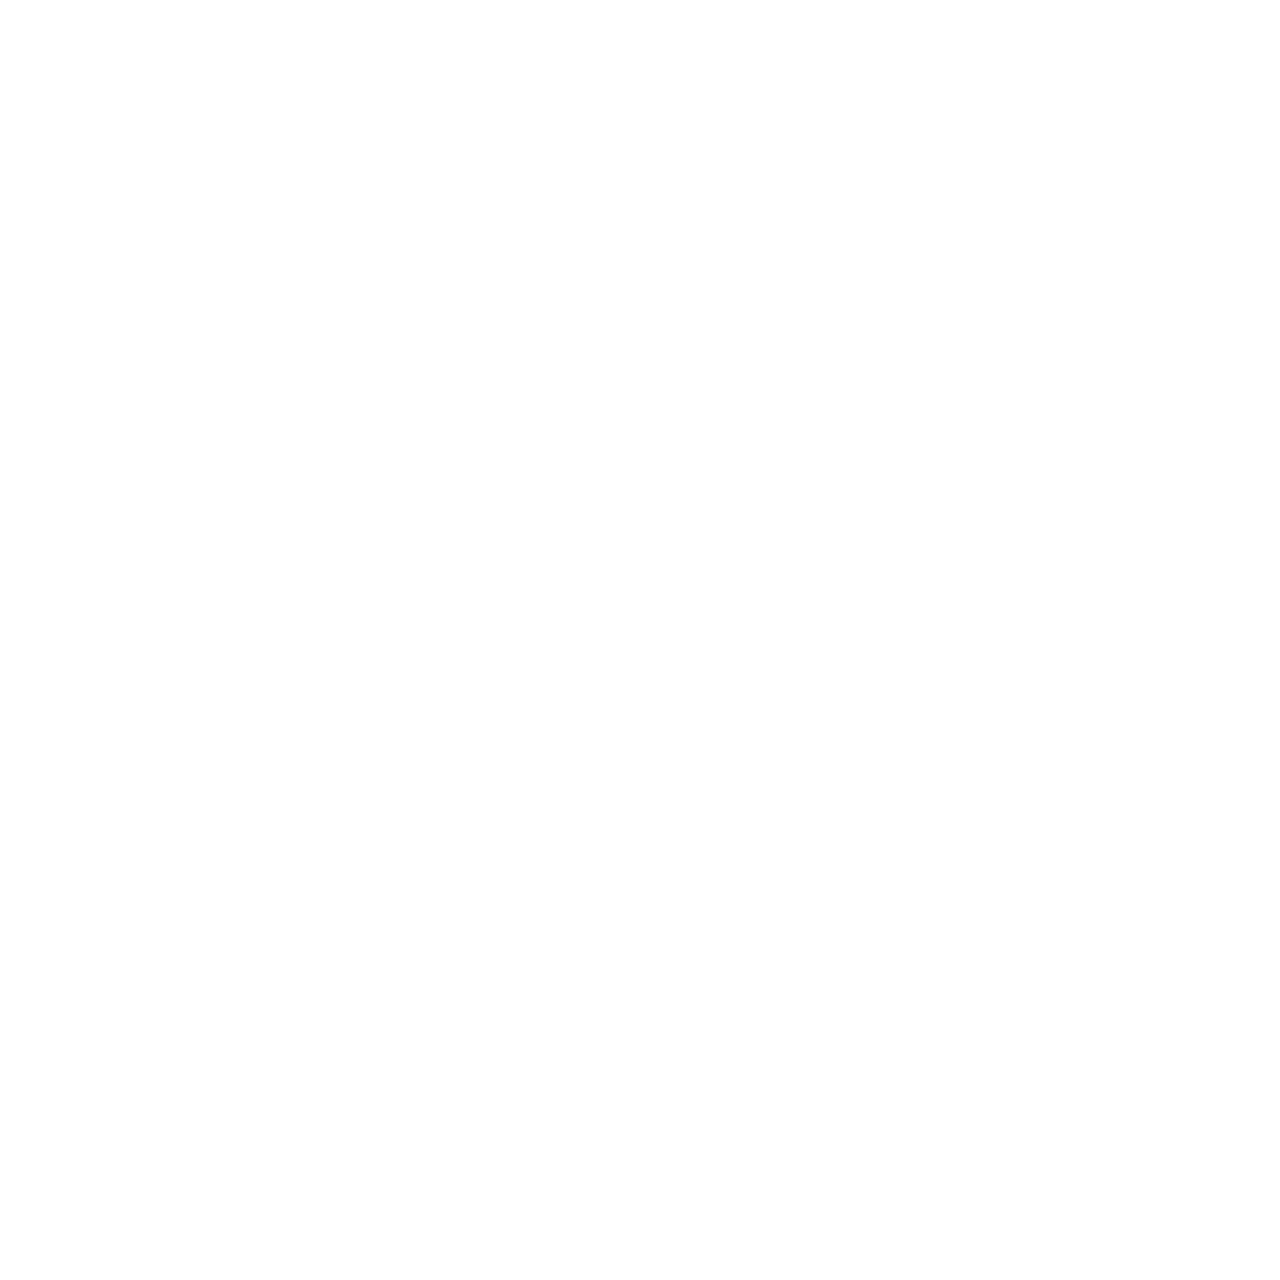 CBD IS BETTER Logo - Vertical - White